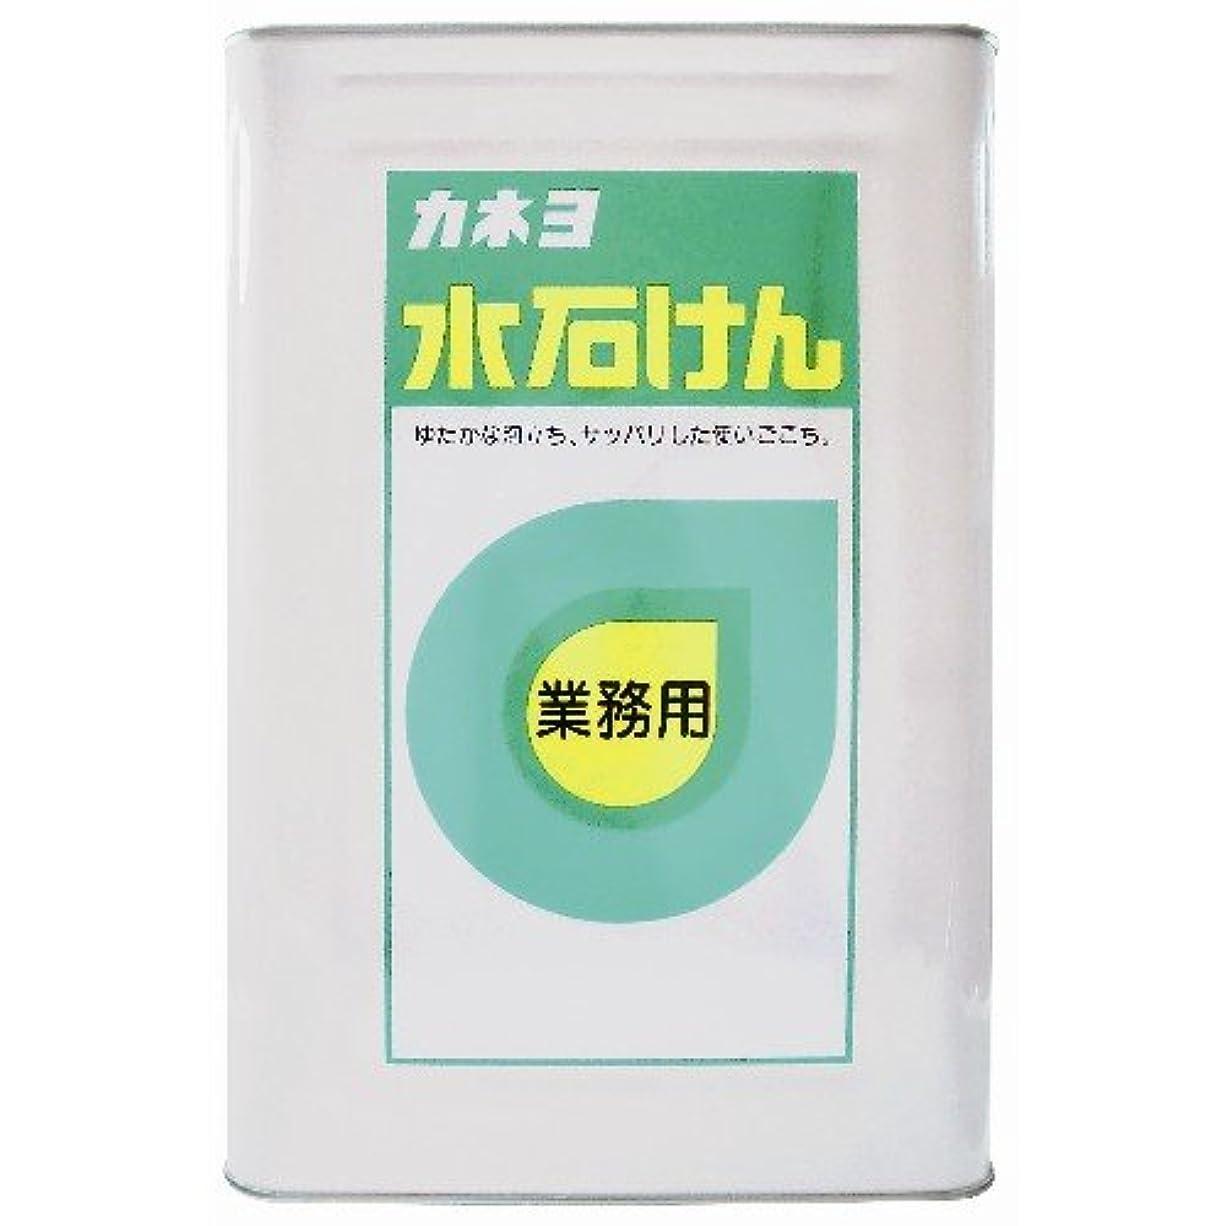 罹患率薄い比較的【大容量】 カネヨ石鹸 ハンドソープ 水石けん 液体 業務用 18L 一斗缶